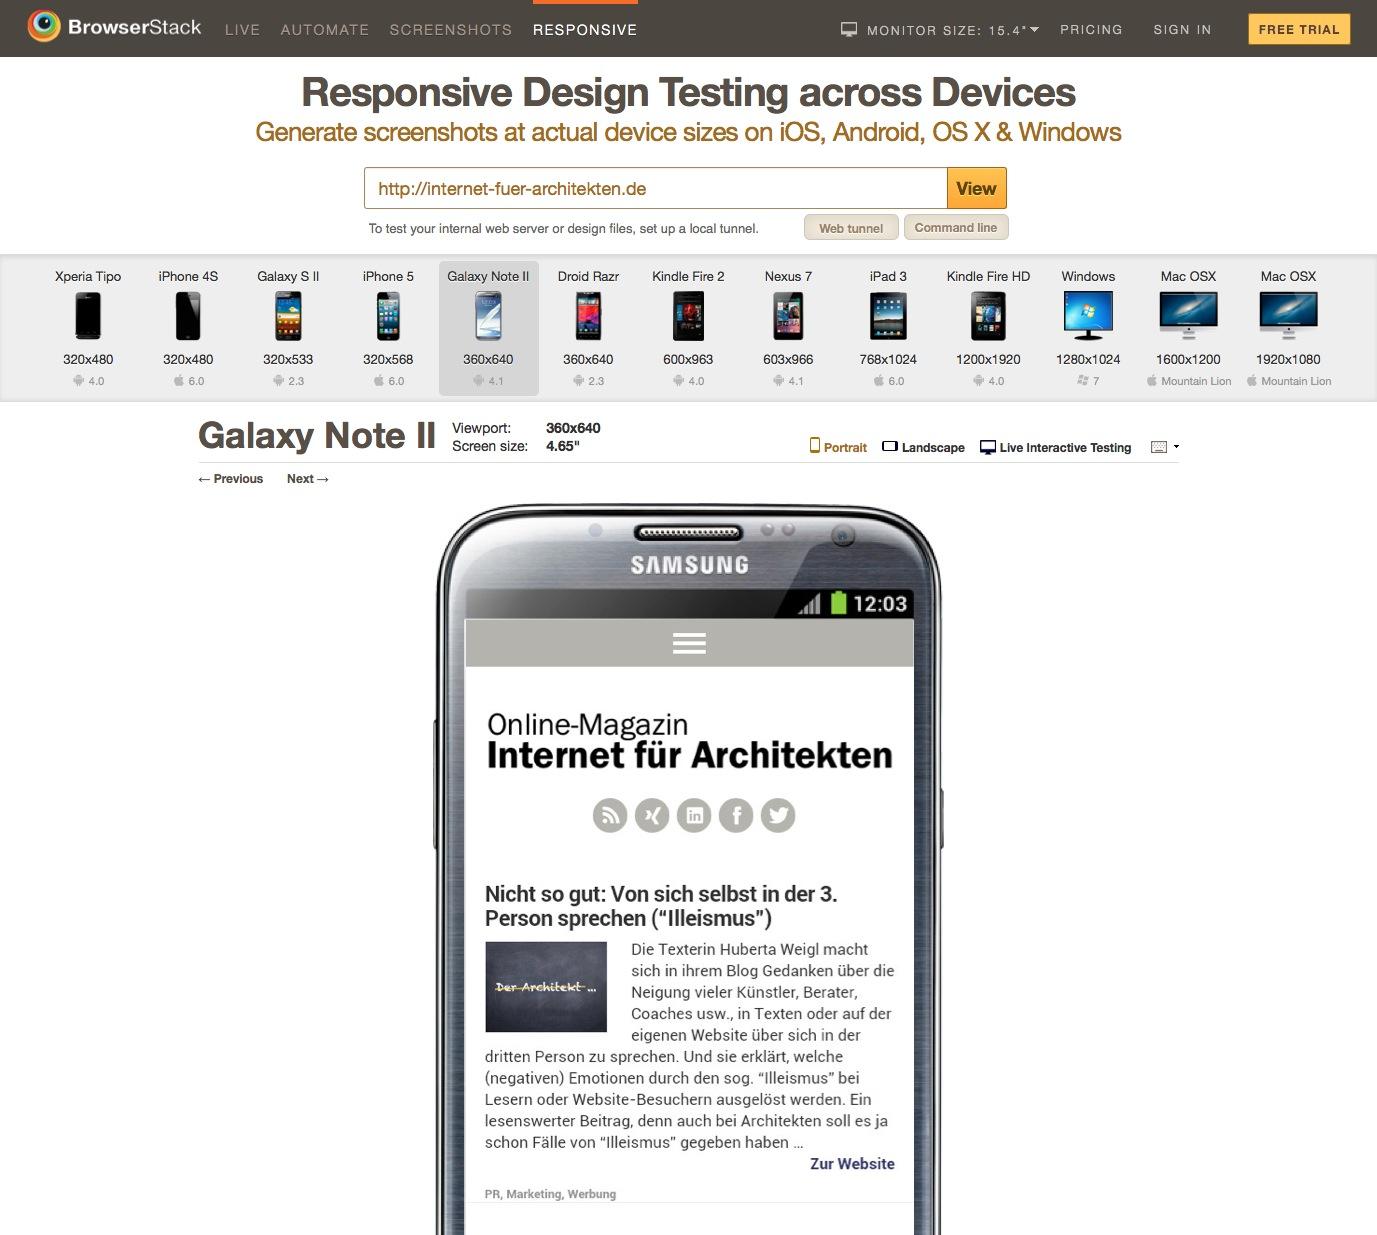 Screenshot des Test-Tools für responsive Webdesign von Browserstack: Internet-fuer-Architekten.de auf dem Samsung Galaxy Note II